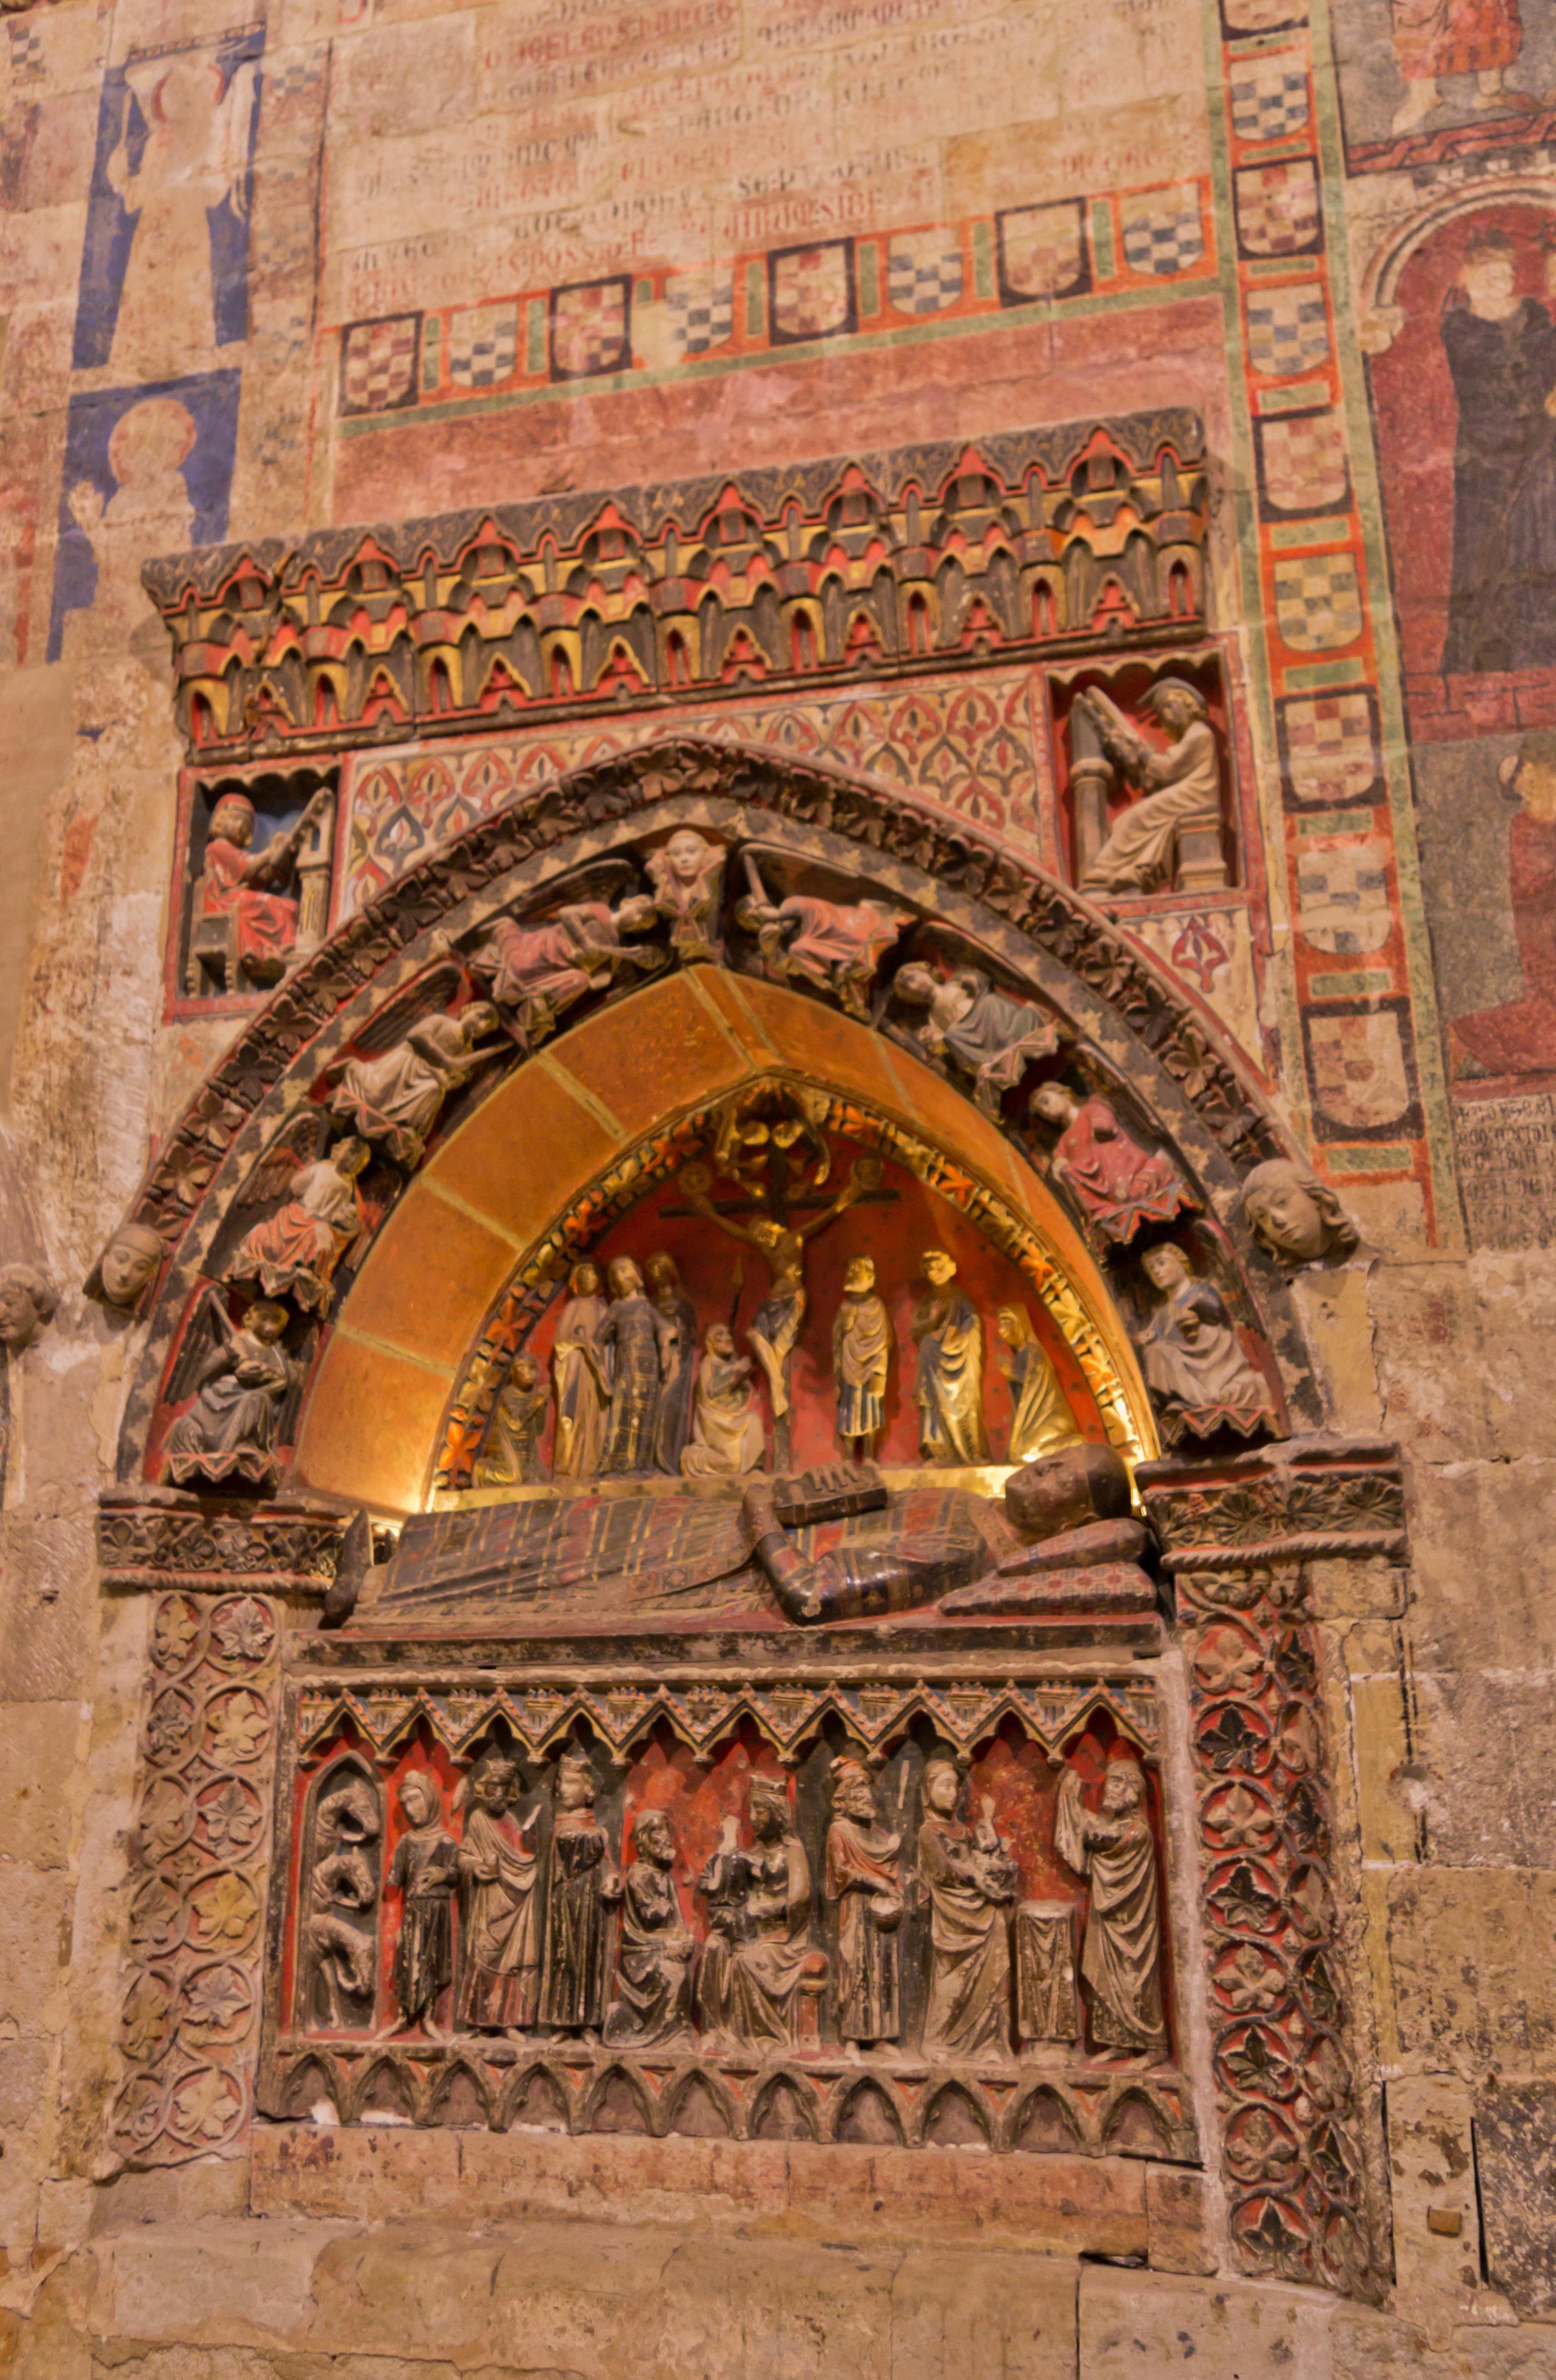 File:Interiores de la Catedral Vieja de Salamanca 2.jpg ...